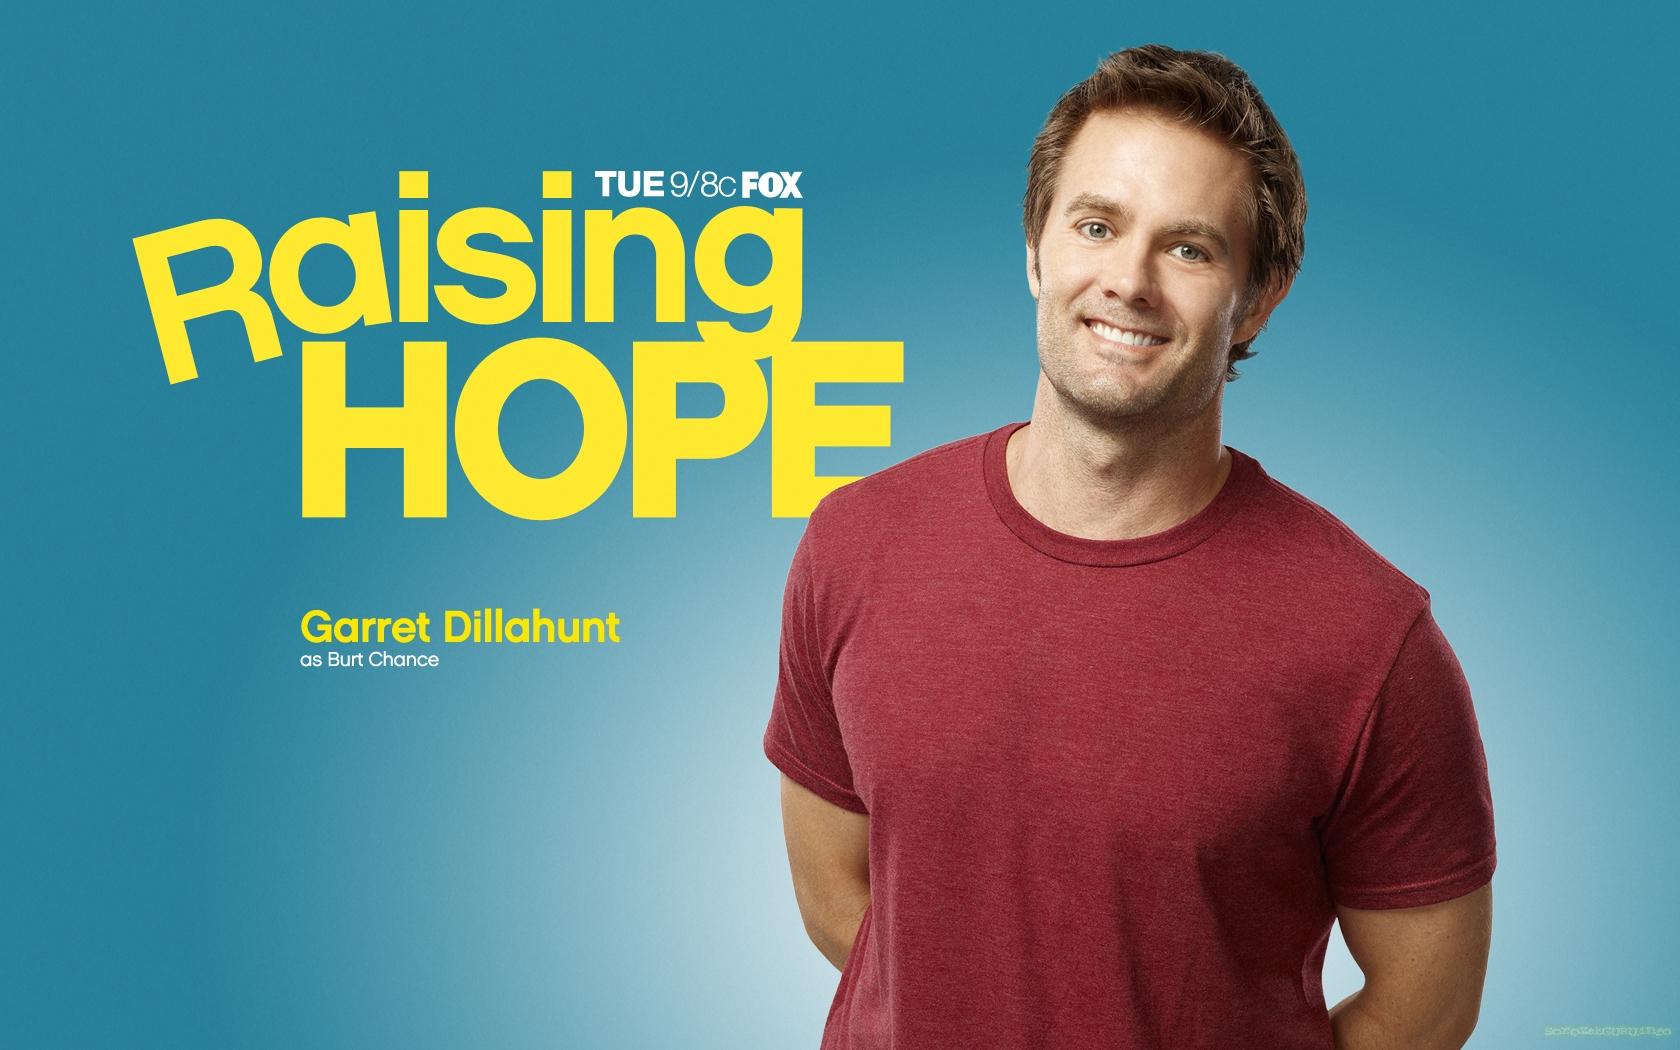 Garret Dillahunt,Raising Hope poster